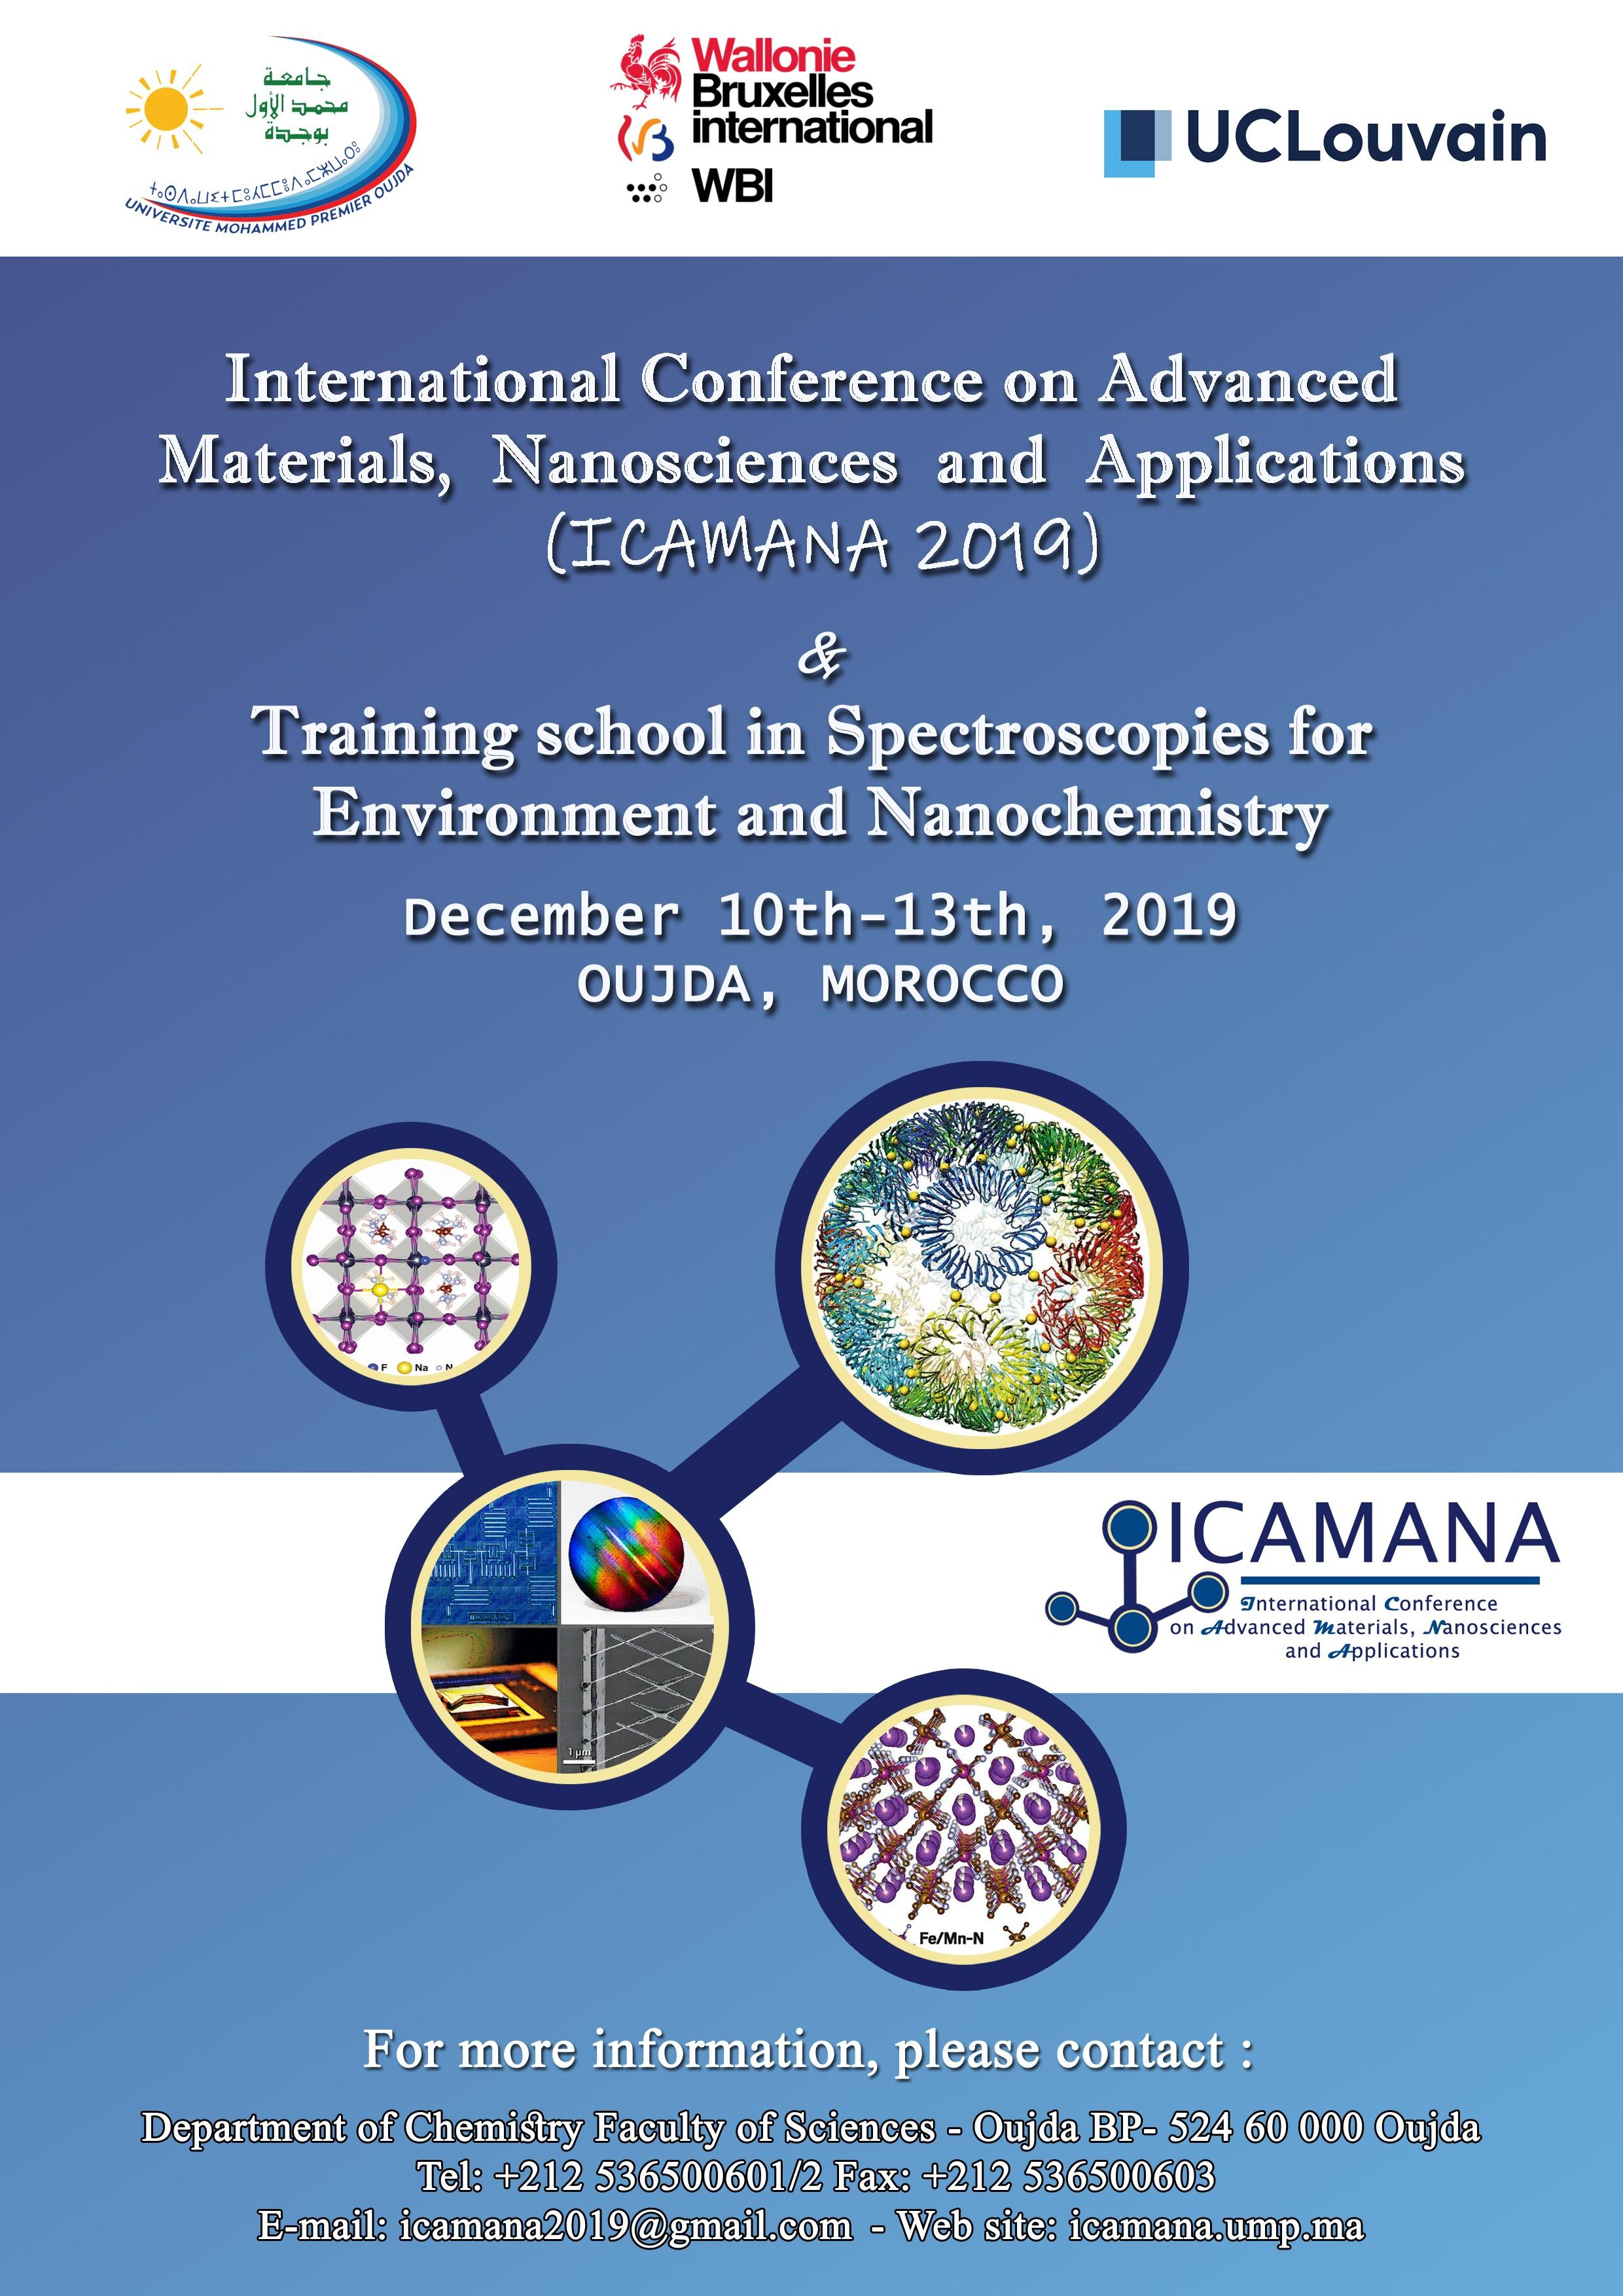 Congrès International sur les Matériaux Avancés,  Nanosciences  et Applications  (ICAMANA 2019)